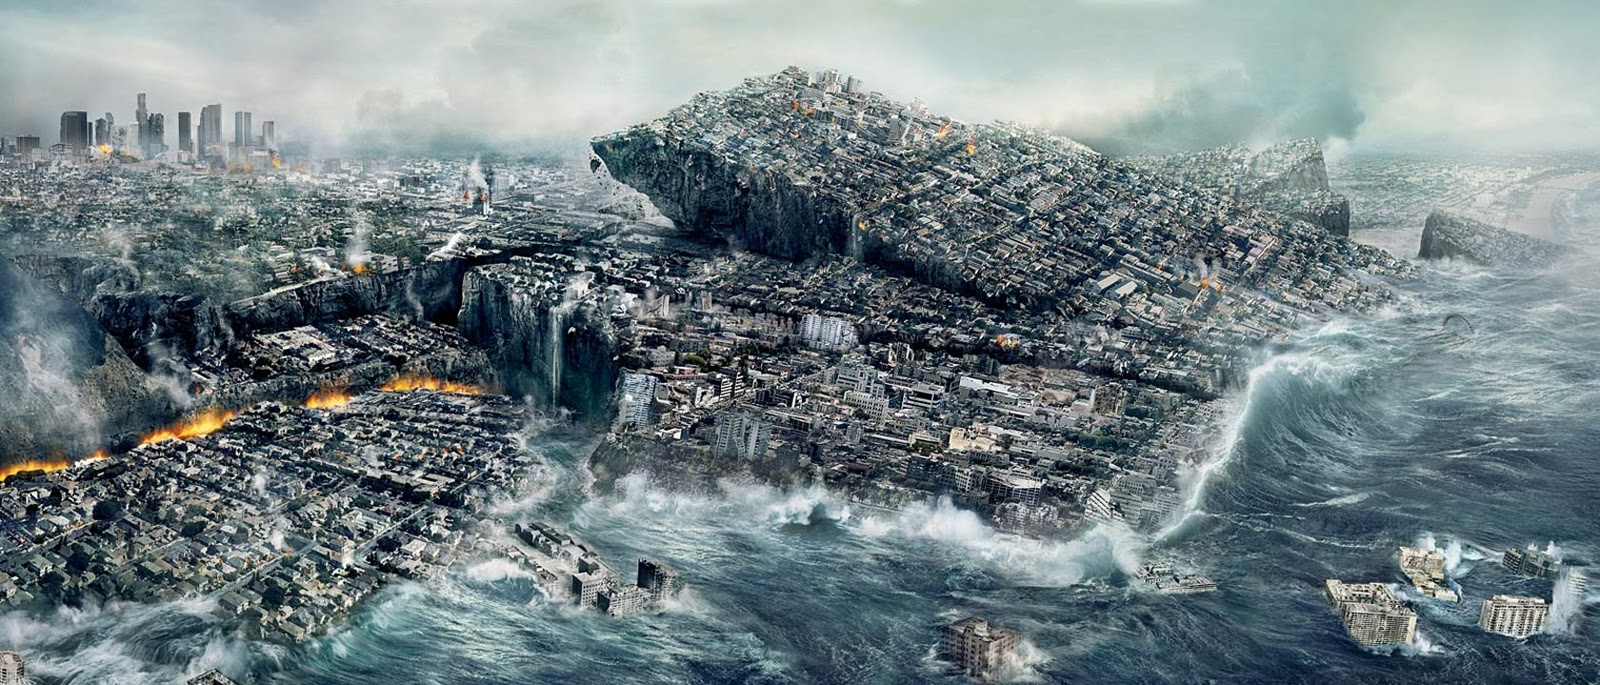 Серия локальных катастроф между 1450-м и 1850-м годами н.э.